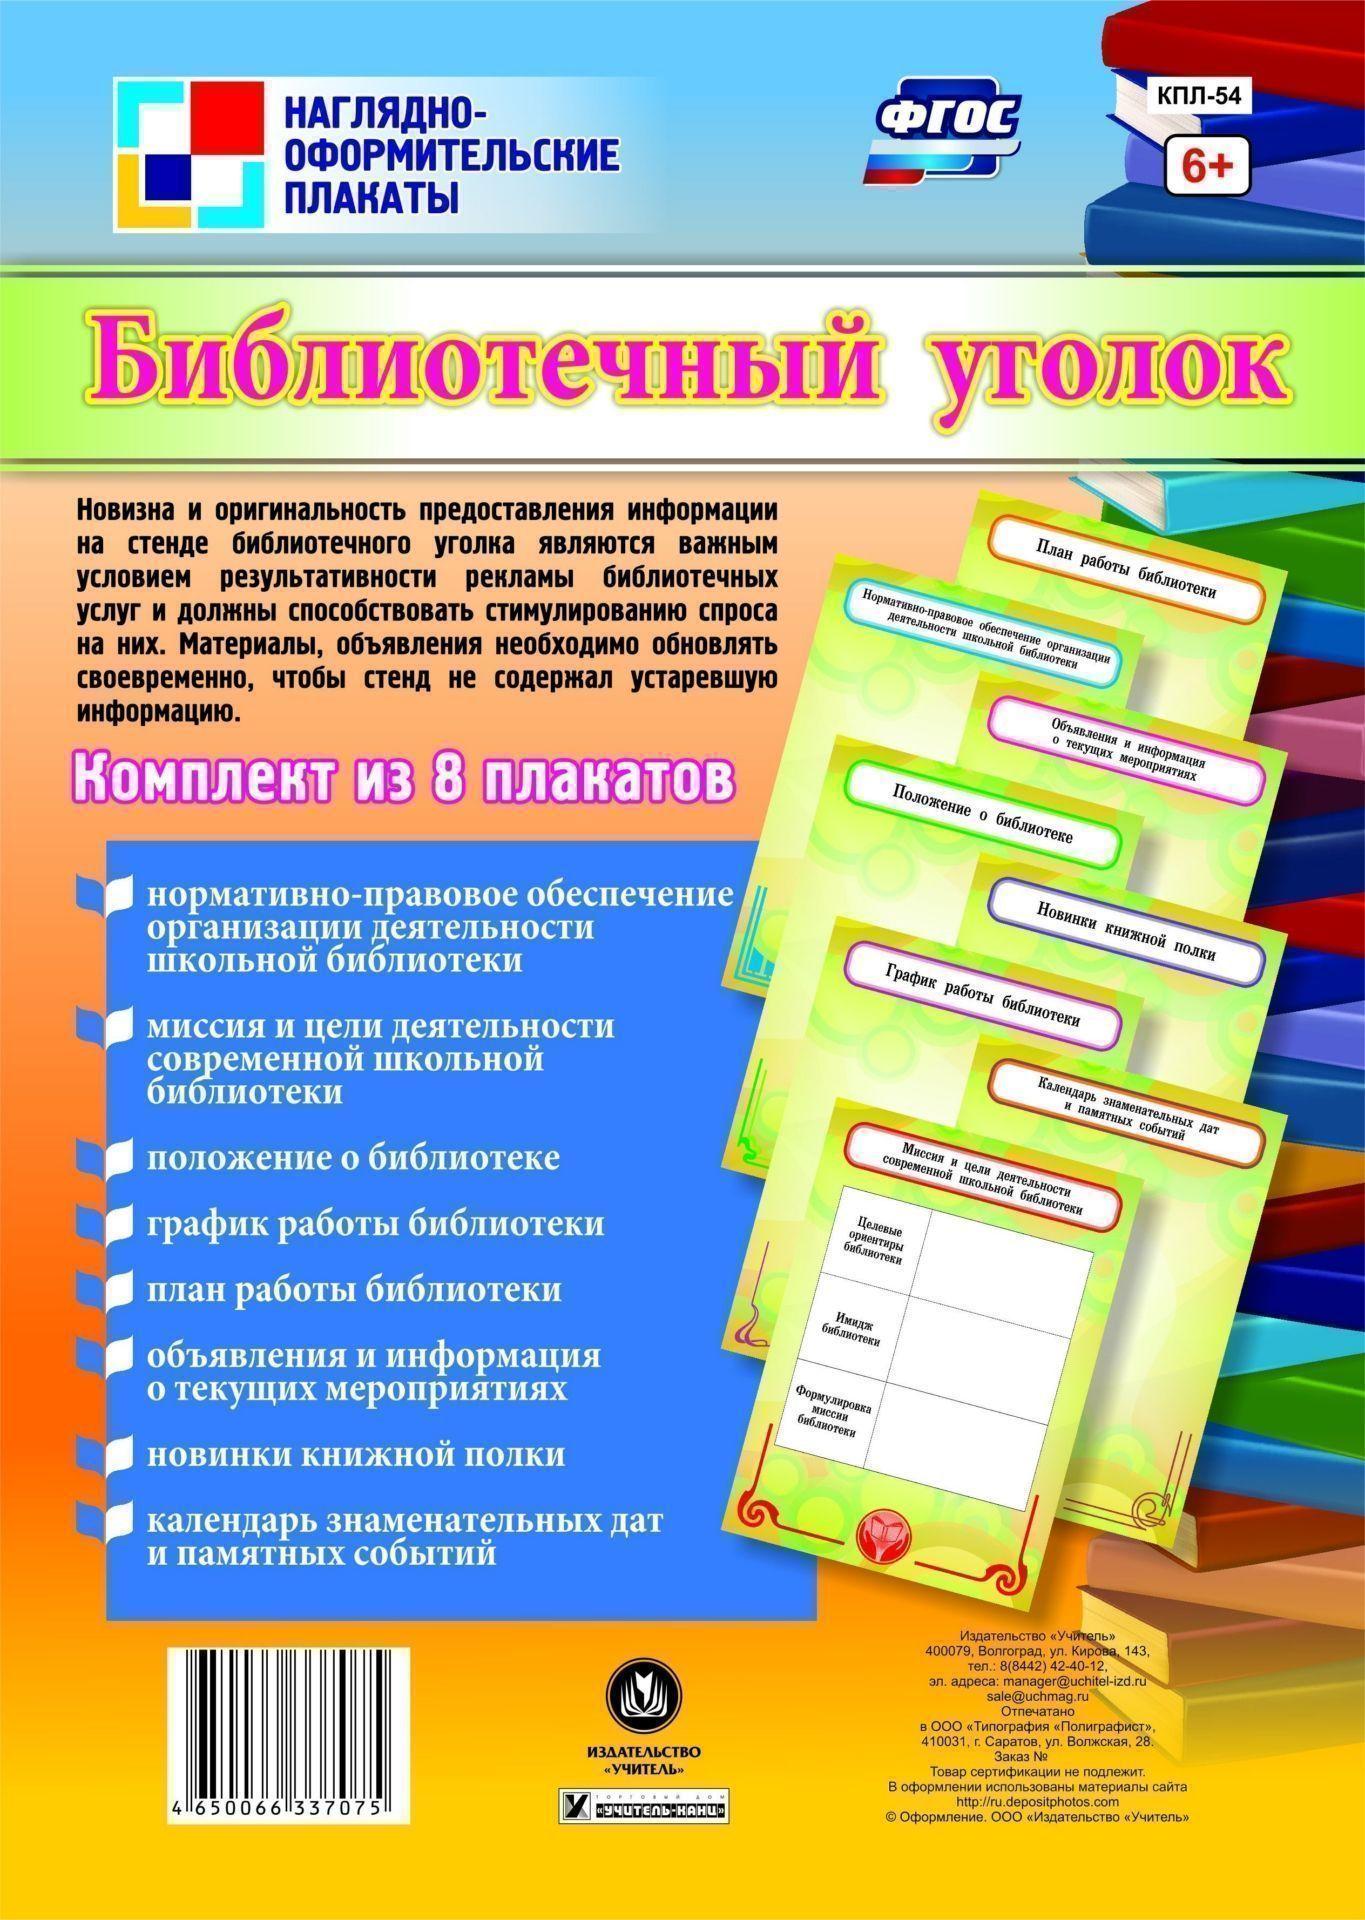 """Купить со скидкой Комплект плакатов """"Библиотечный уголок"""": 8 плакатов"""